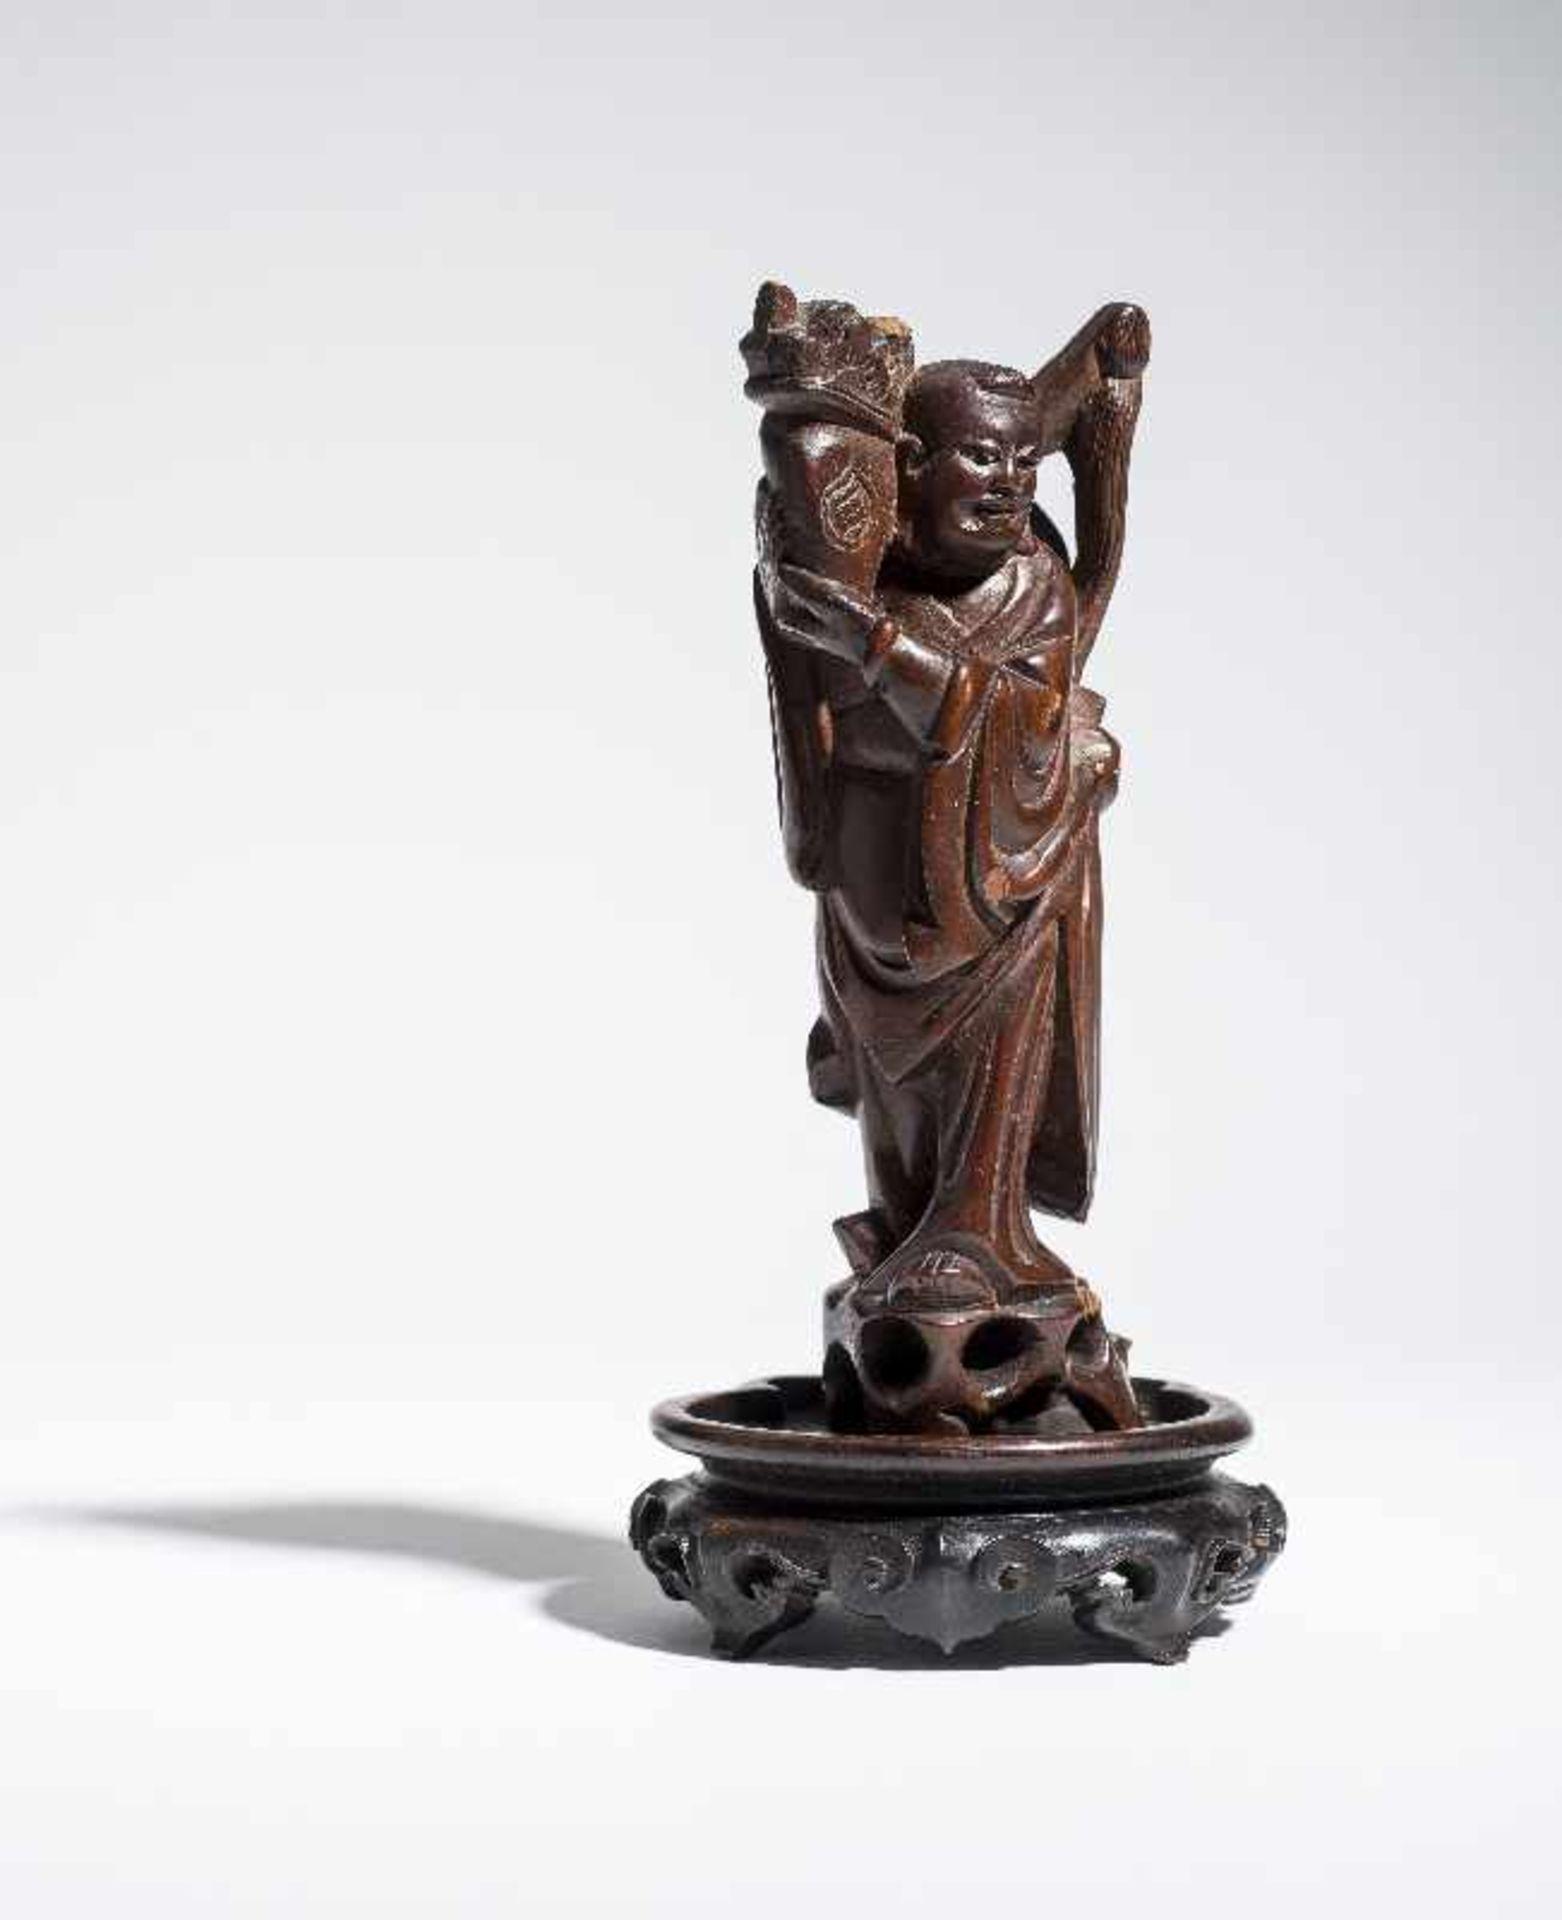 """KLEINE FIGUR EINES UNSTERBLICHEN Holz. China, 19. bis voriges Jh. Möglicherweise einer der """" - Image 2 of 5"""